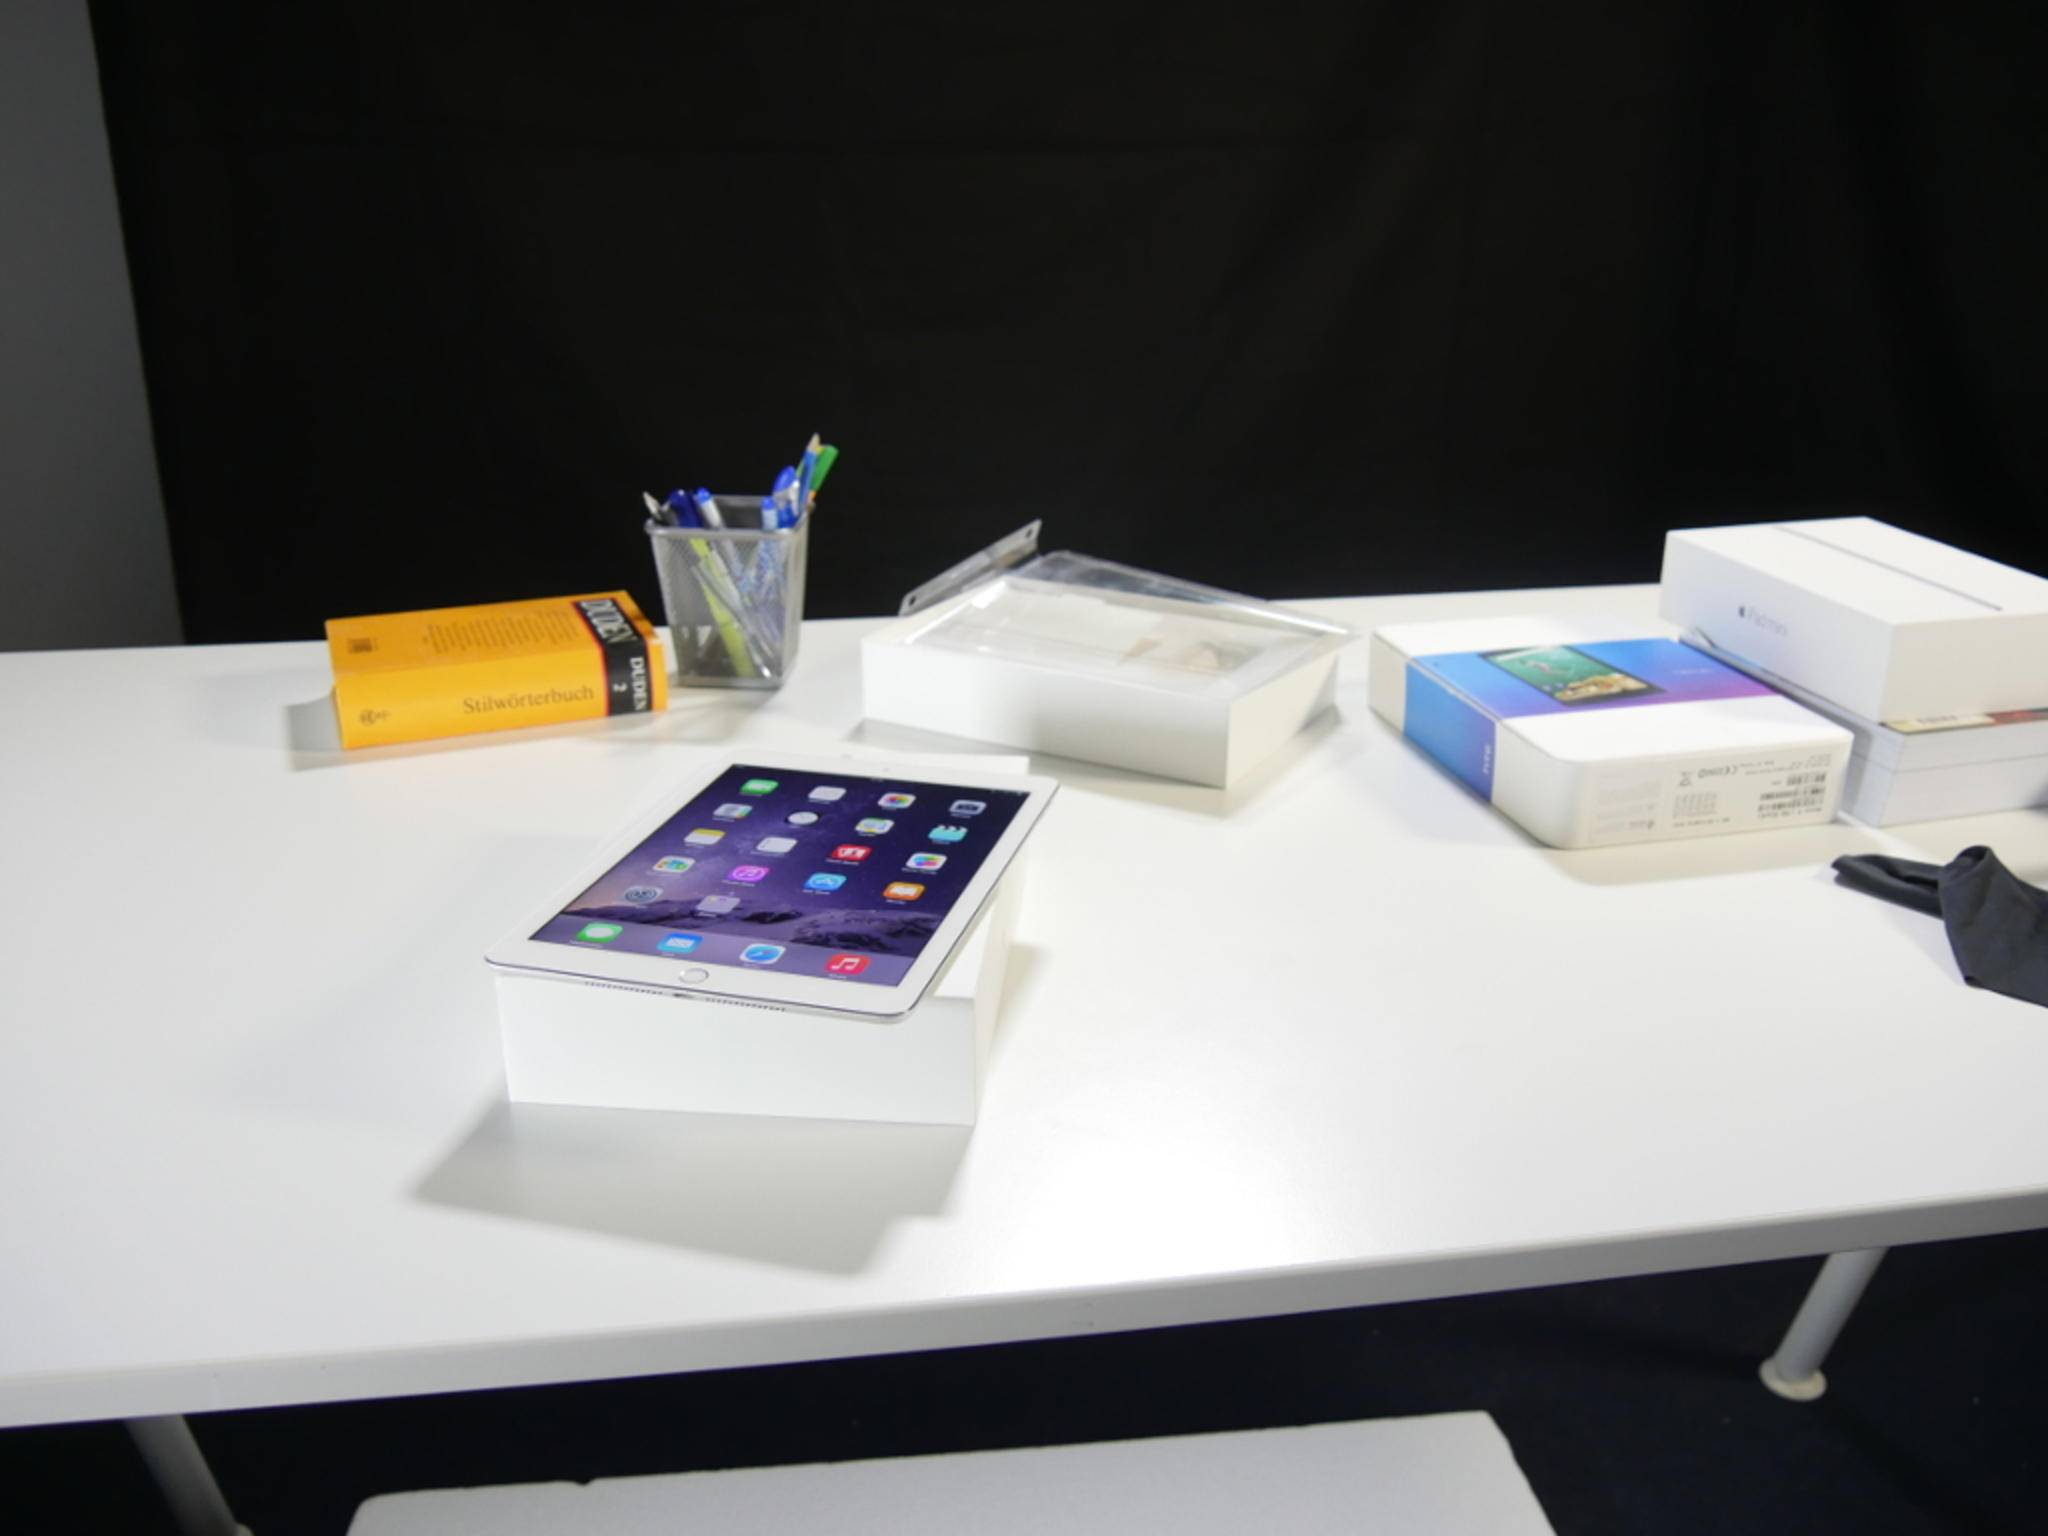 Das iPad Air 2 bietet kaum Platz für einen großen Akku.